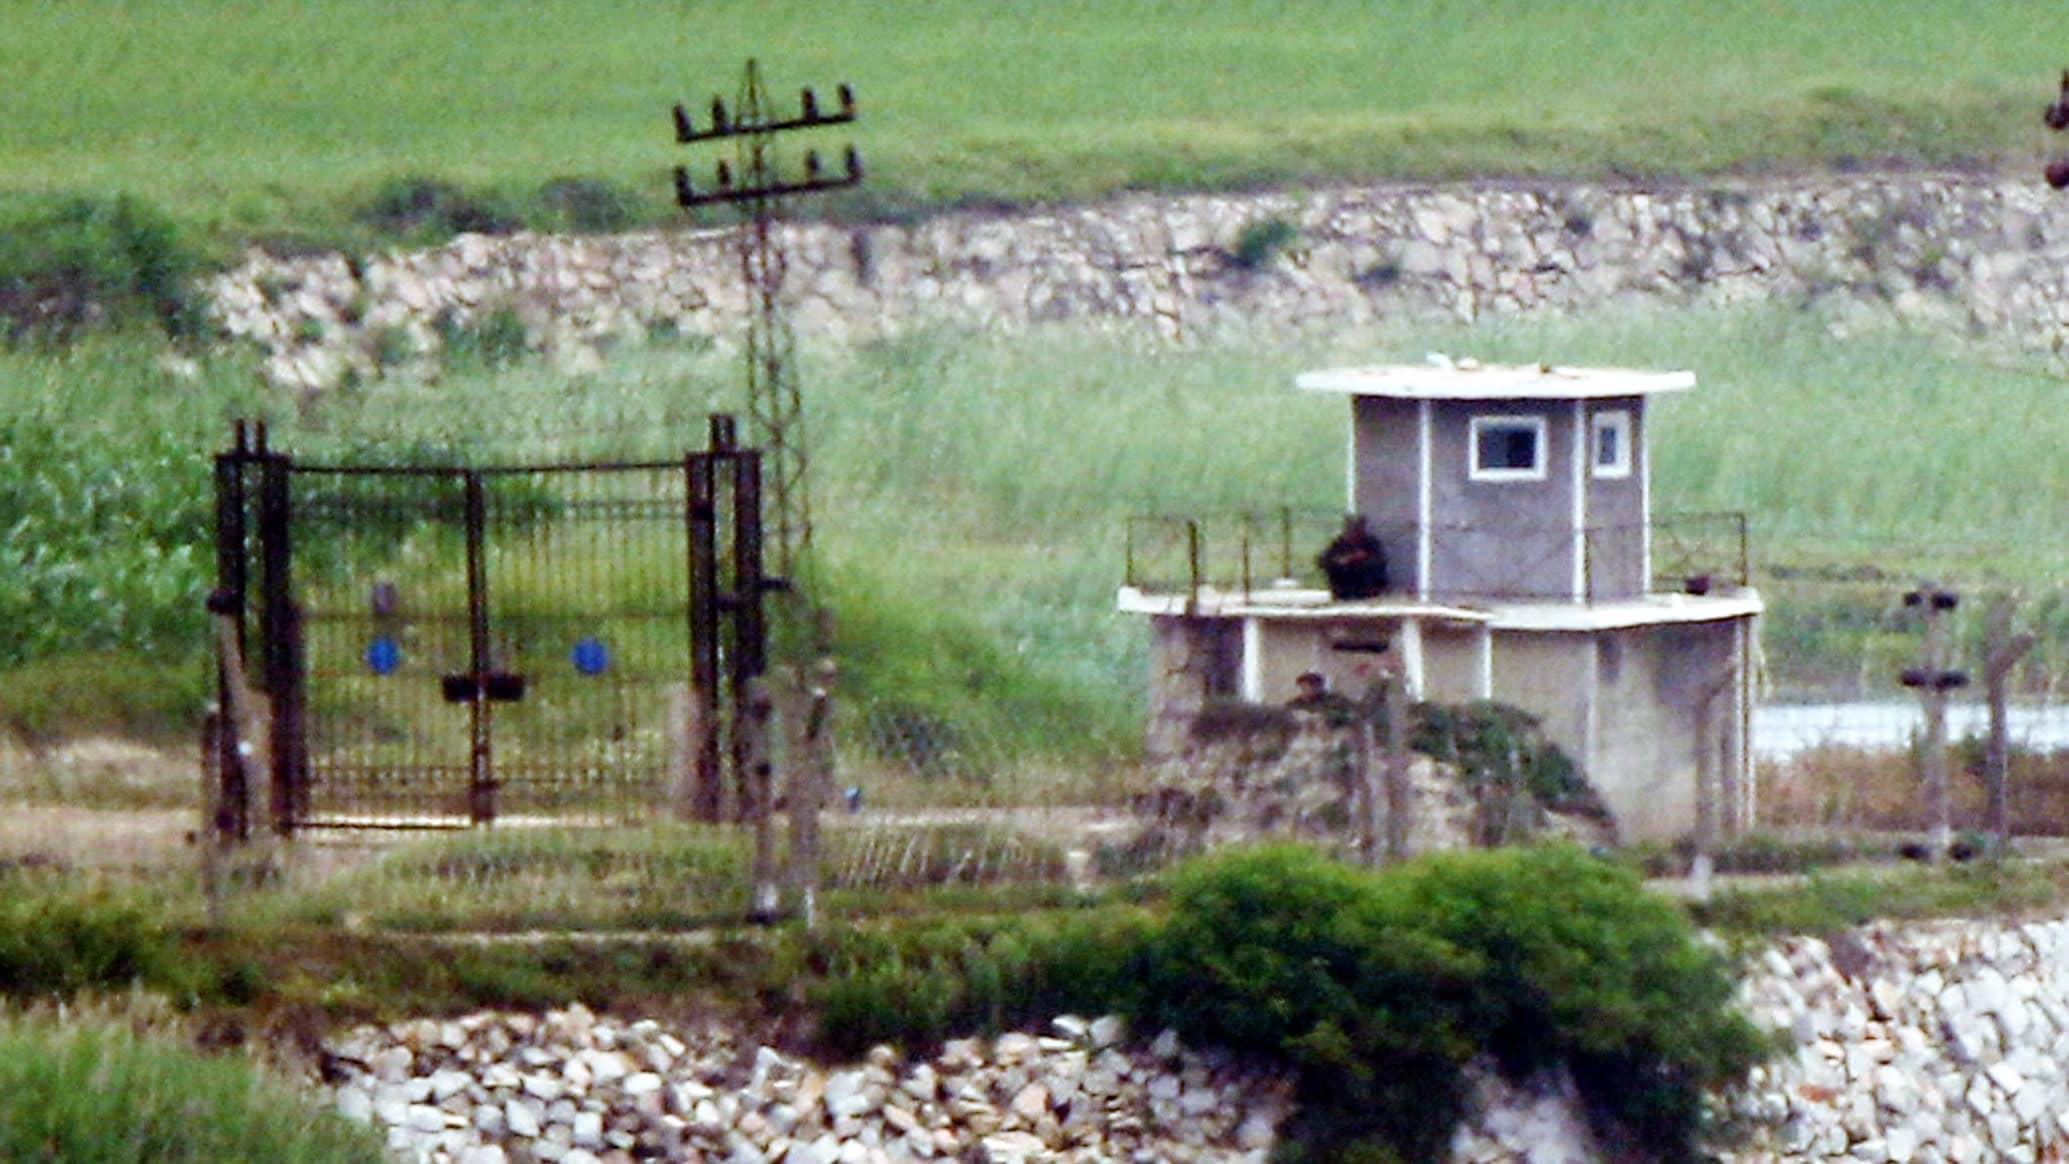 Kuva esittää vartiotornia rajalla. Tornissa on vartija.